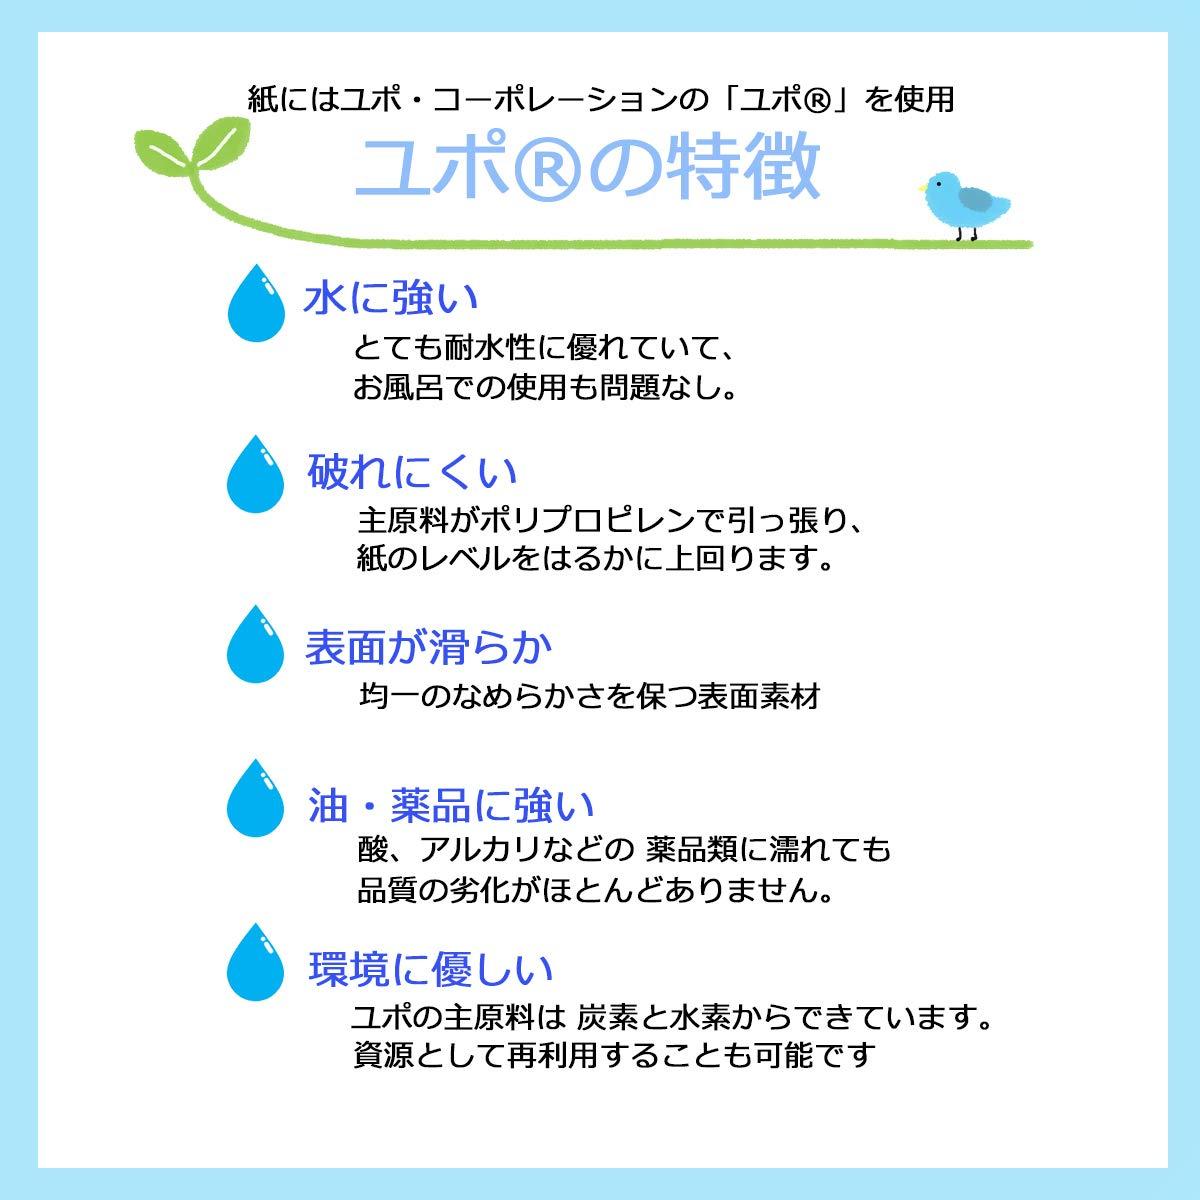 素材には水に強いユポ#174;を使用しているので、お風呂に入りながら学習できます。